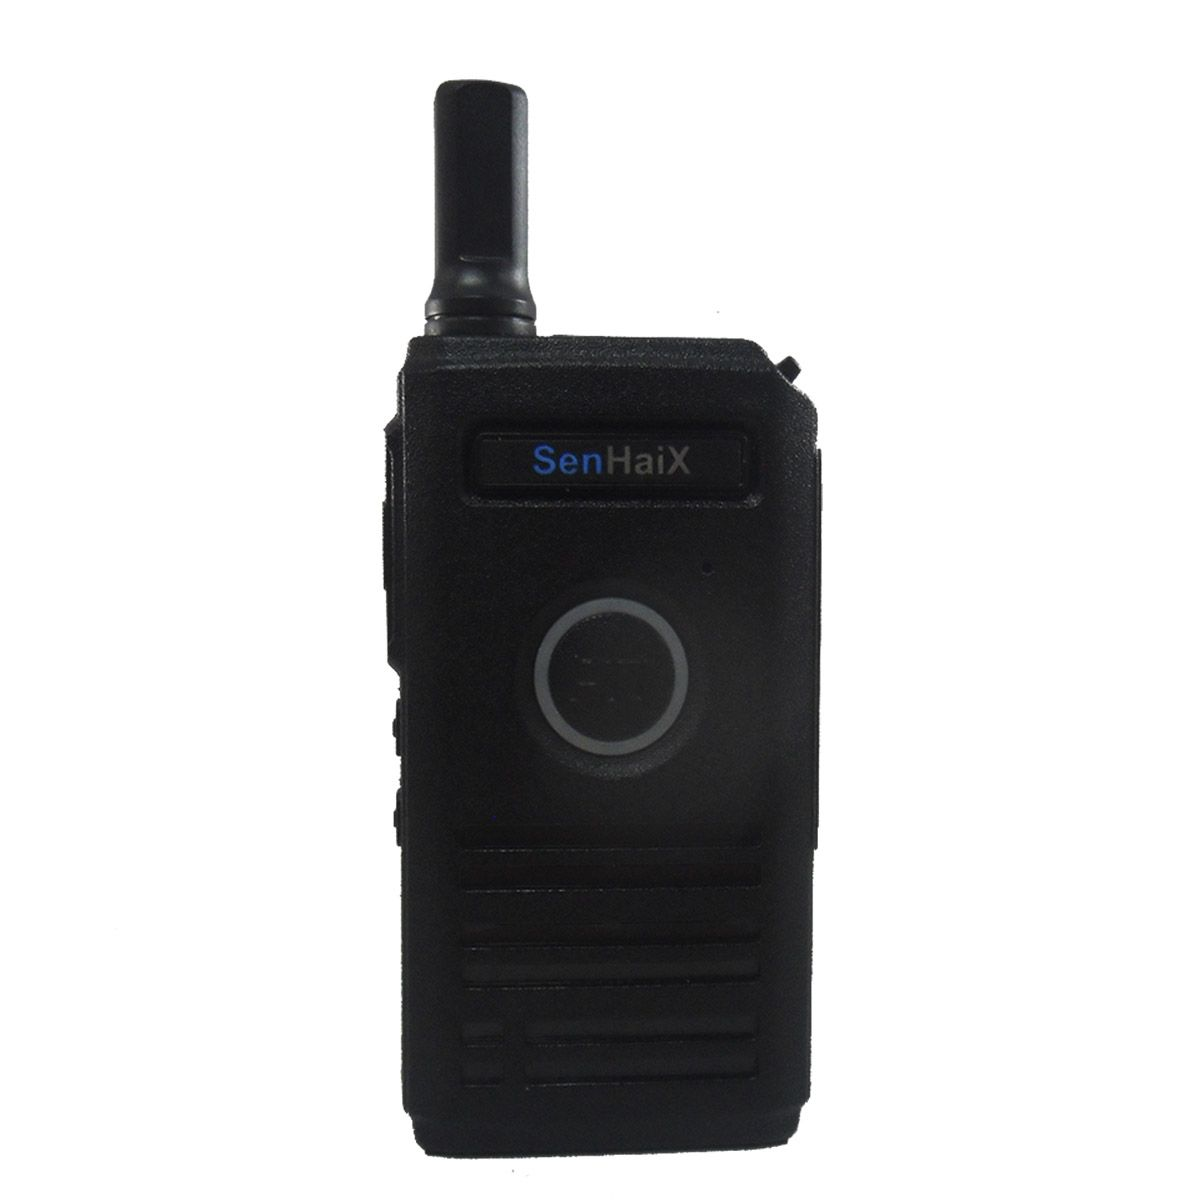 Radio SenHaiX 1430 Analógico